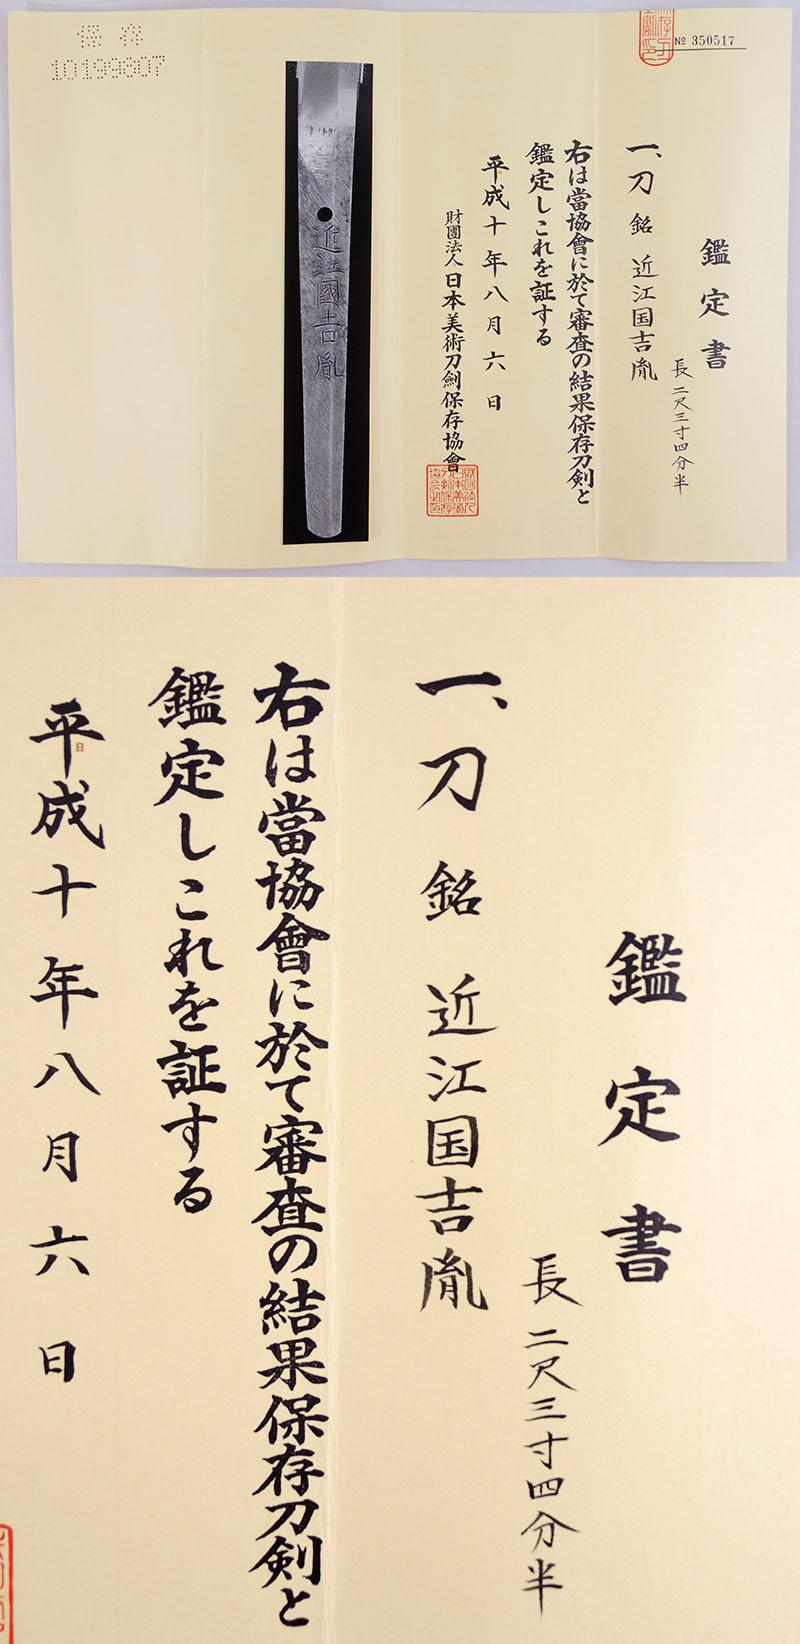 近江国吉胤鑑定書画像